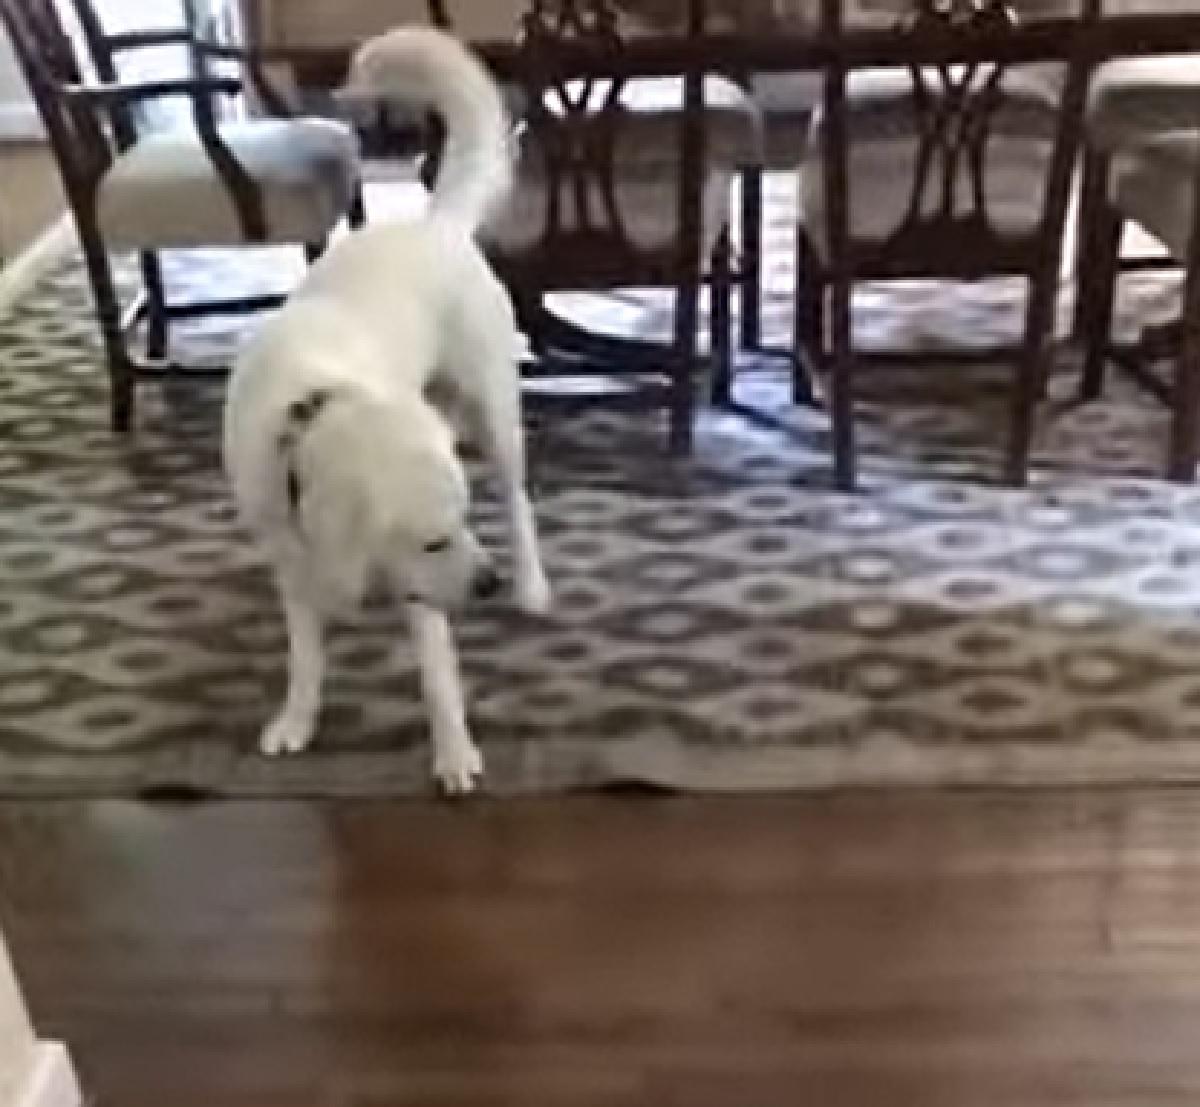 Il cucciolo Labrador gioca con un frisbee, nel video un imprevisto cambia i suoi piani